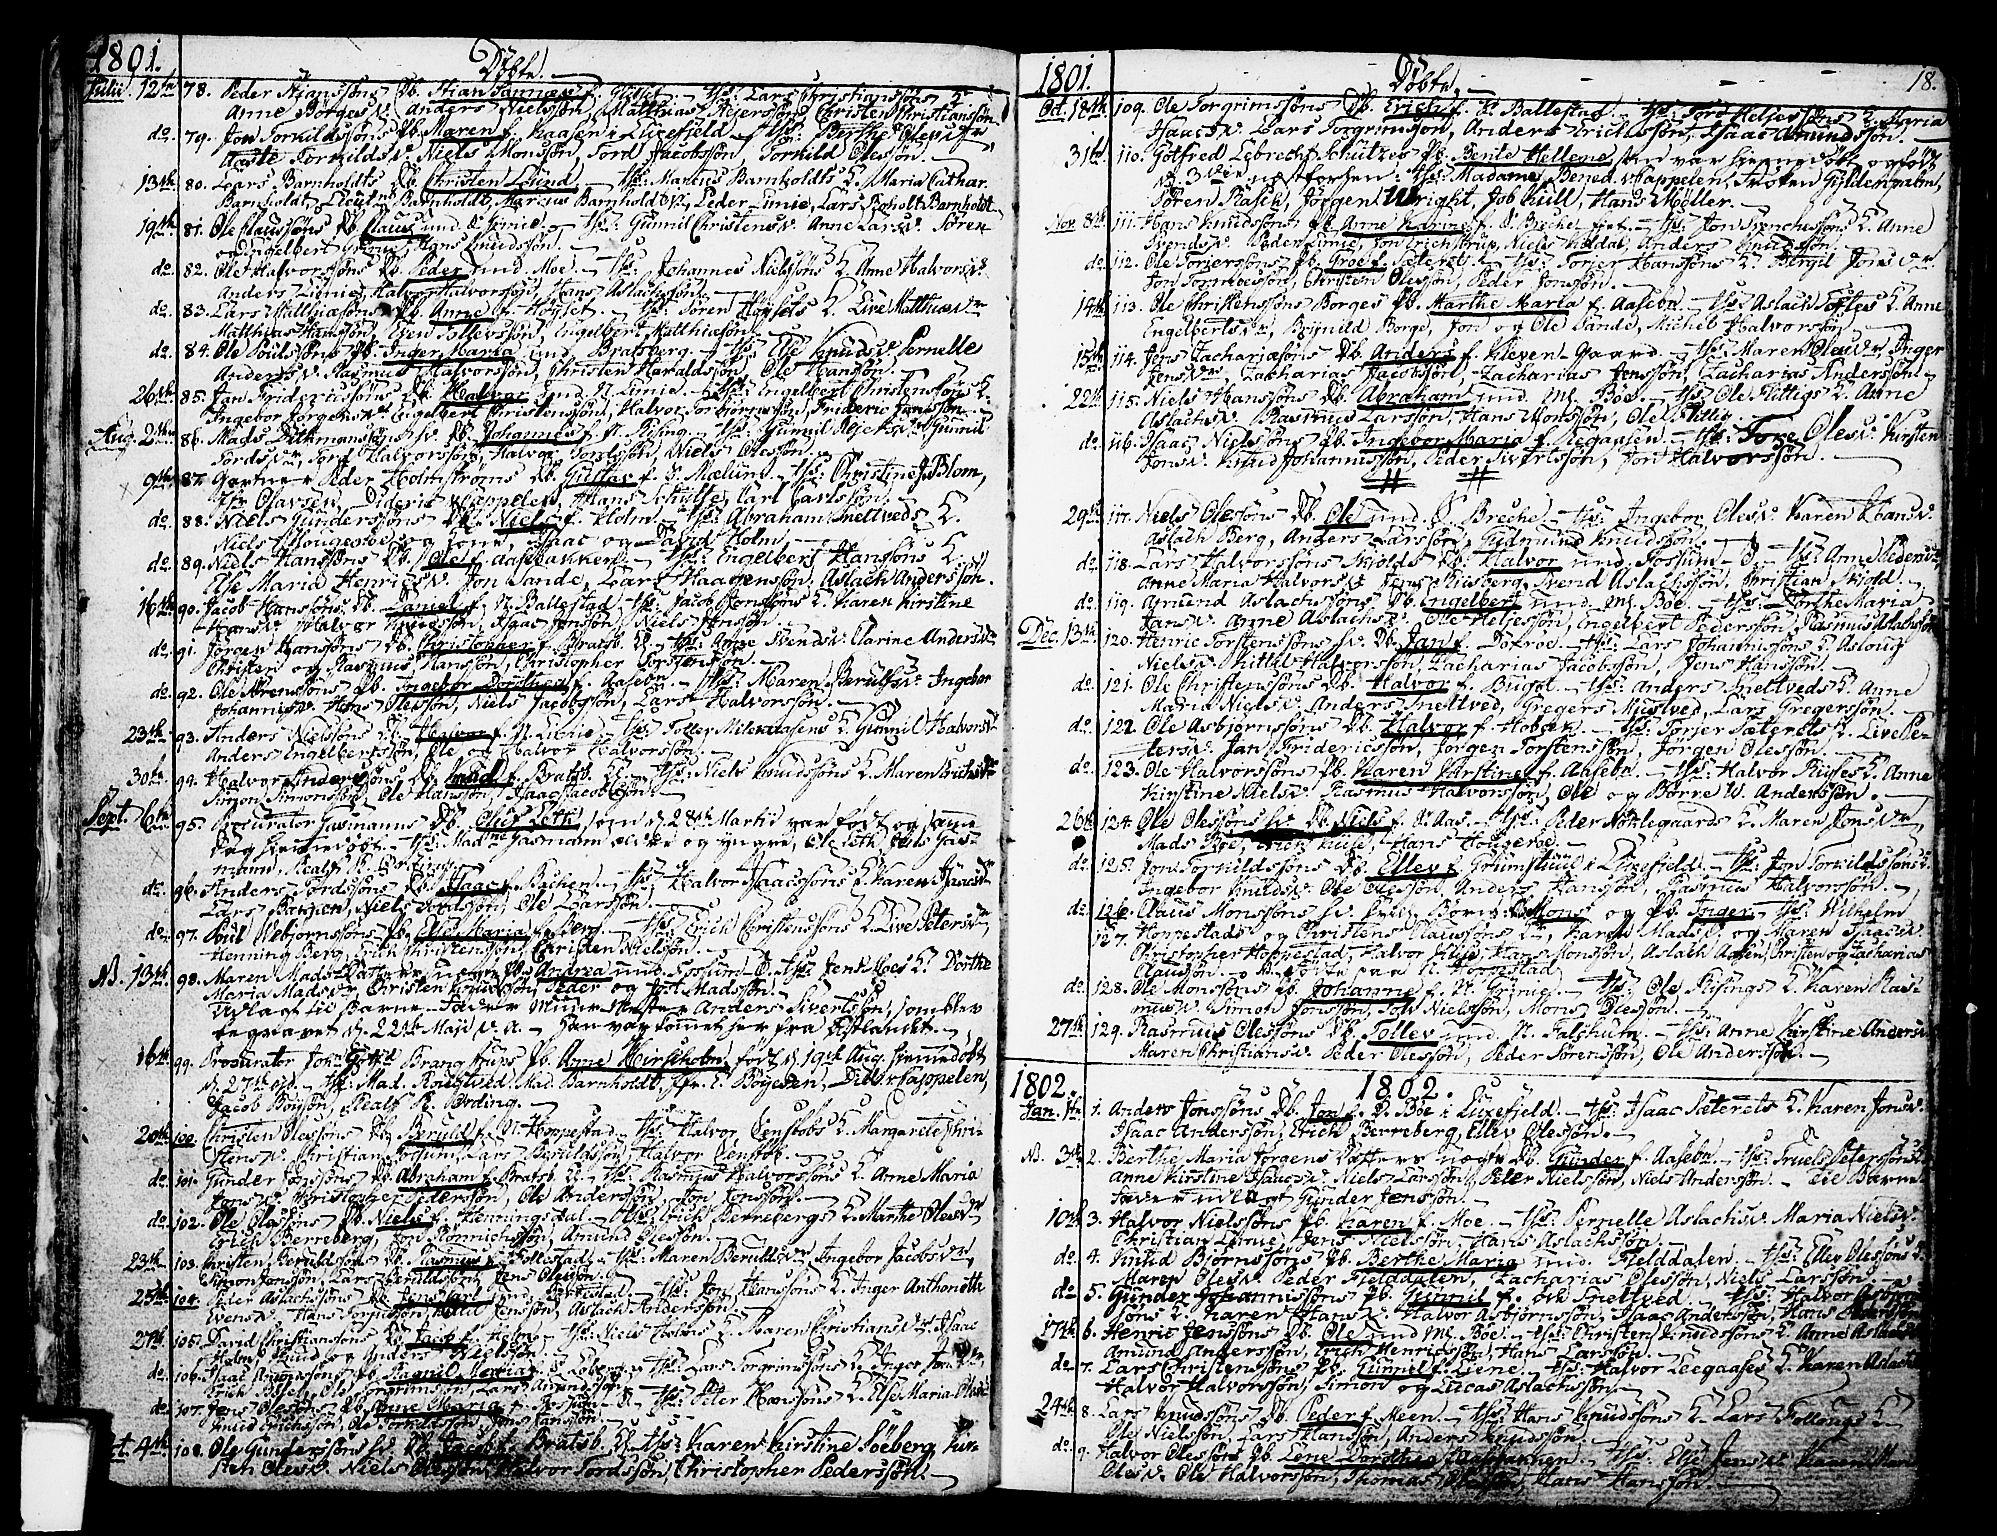 SAKO, Gjerpen kirkebøker, F/Fa/L0003: Ministerialbok nr. 3, 1796-1814, s. 18